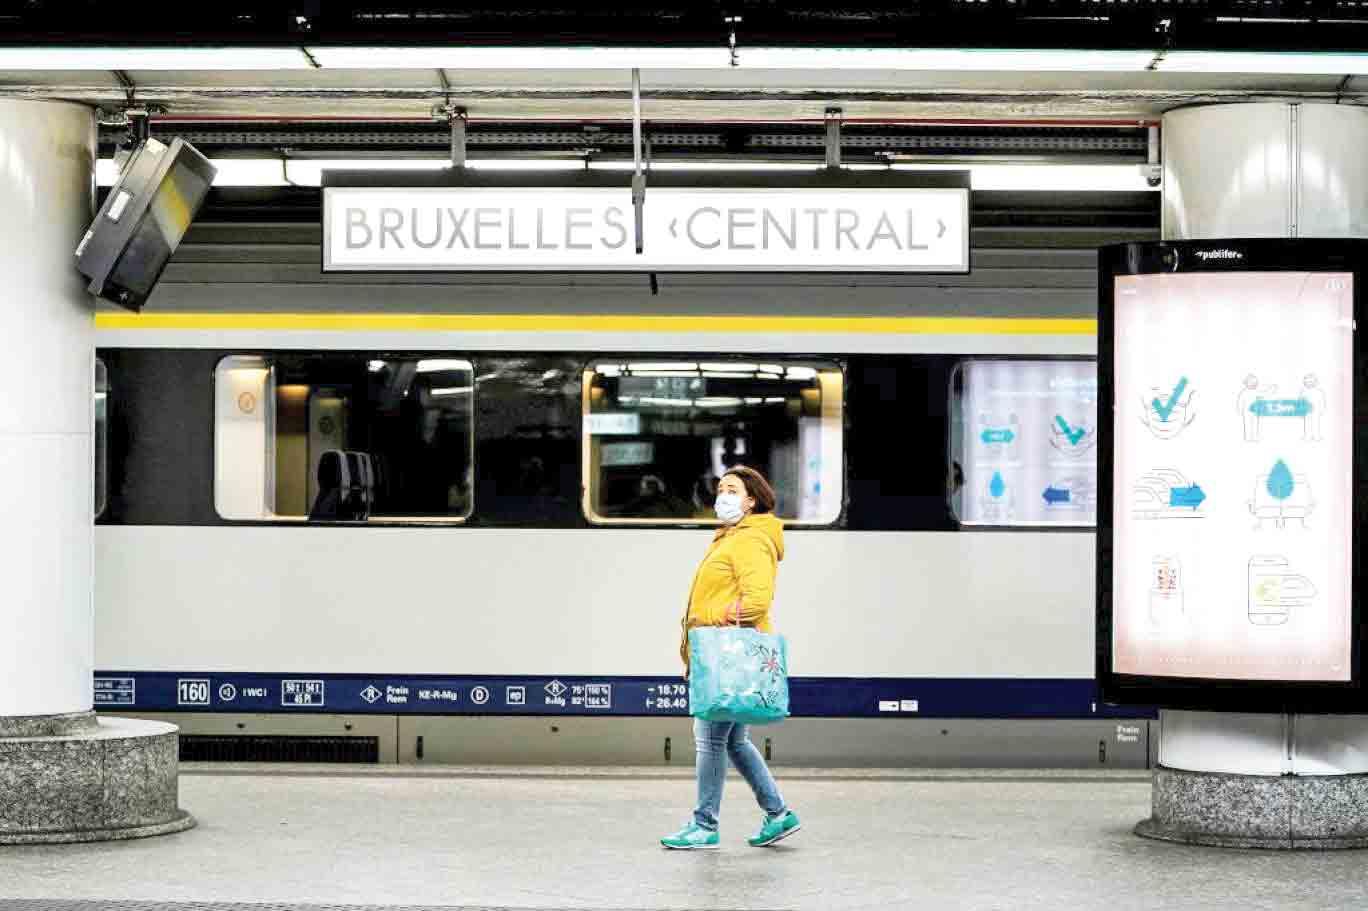 بلیت رایگان برای مسافرهای مترو